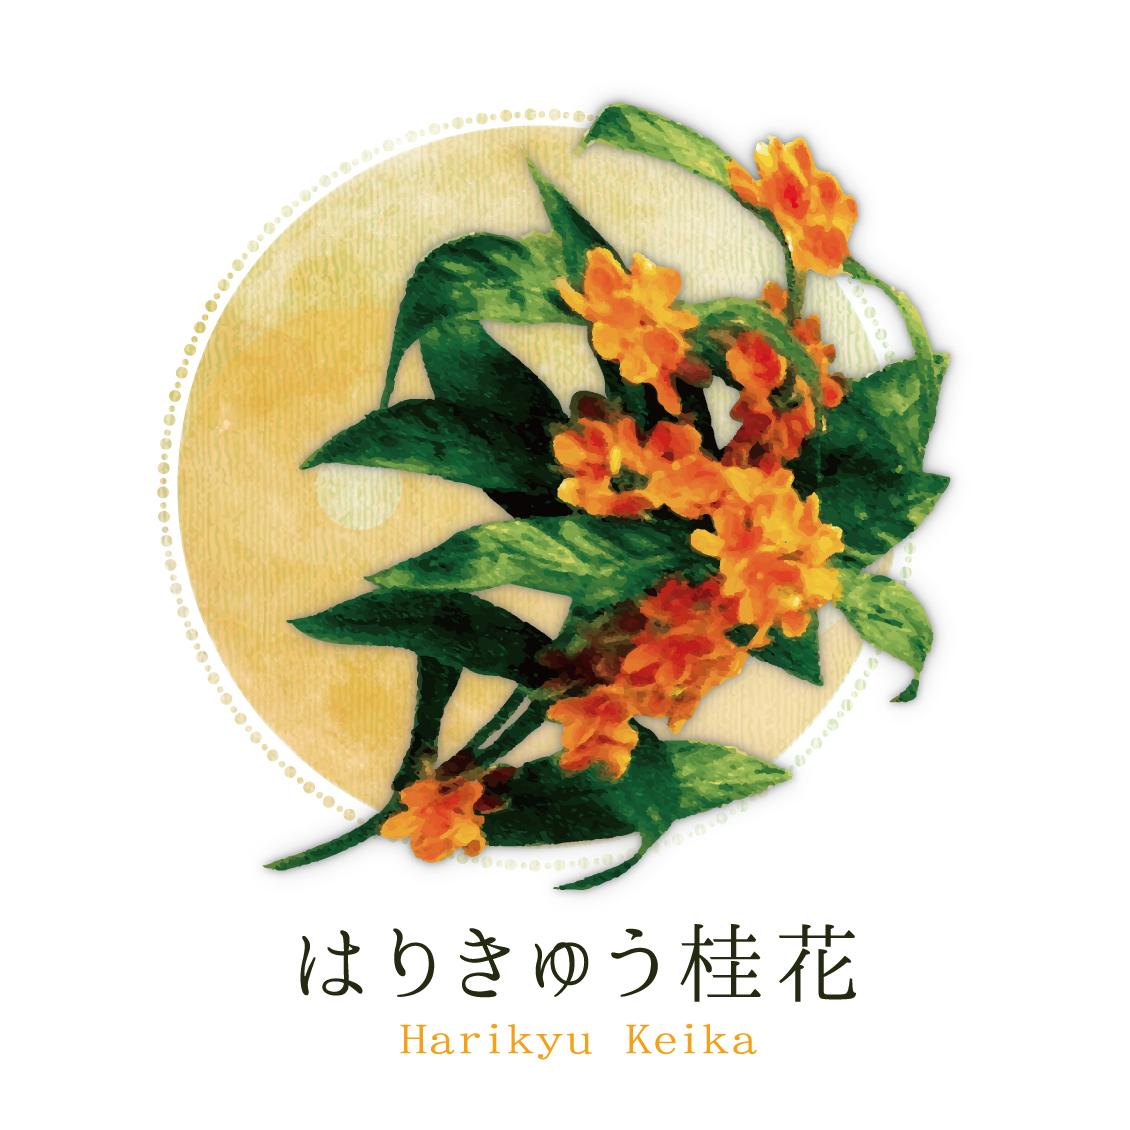 はりきゅう桂花 ロゴ制作